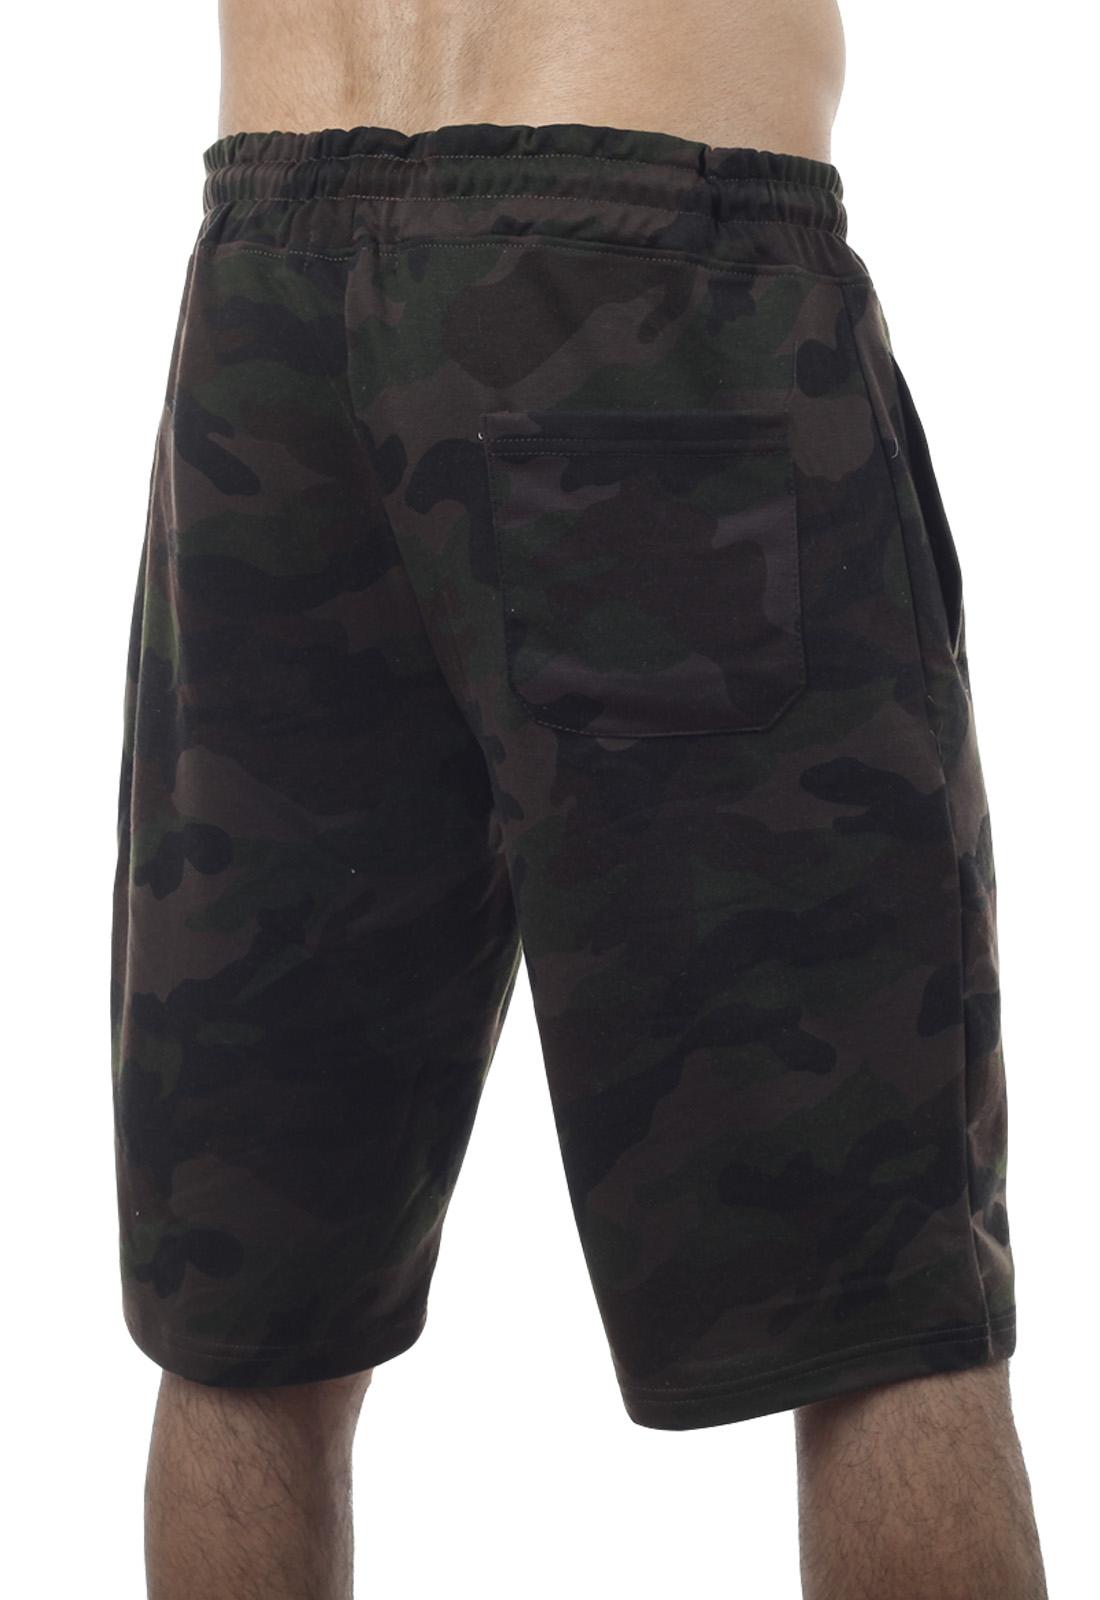 Особенные камуфляжные шорты с карманами и нашивкой РВСН - заказать оптом